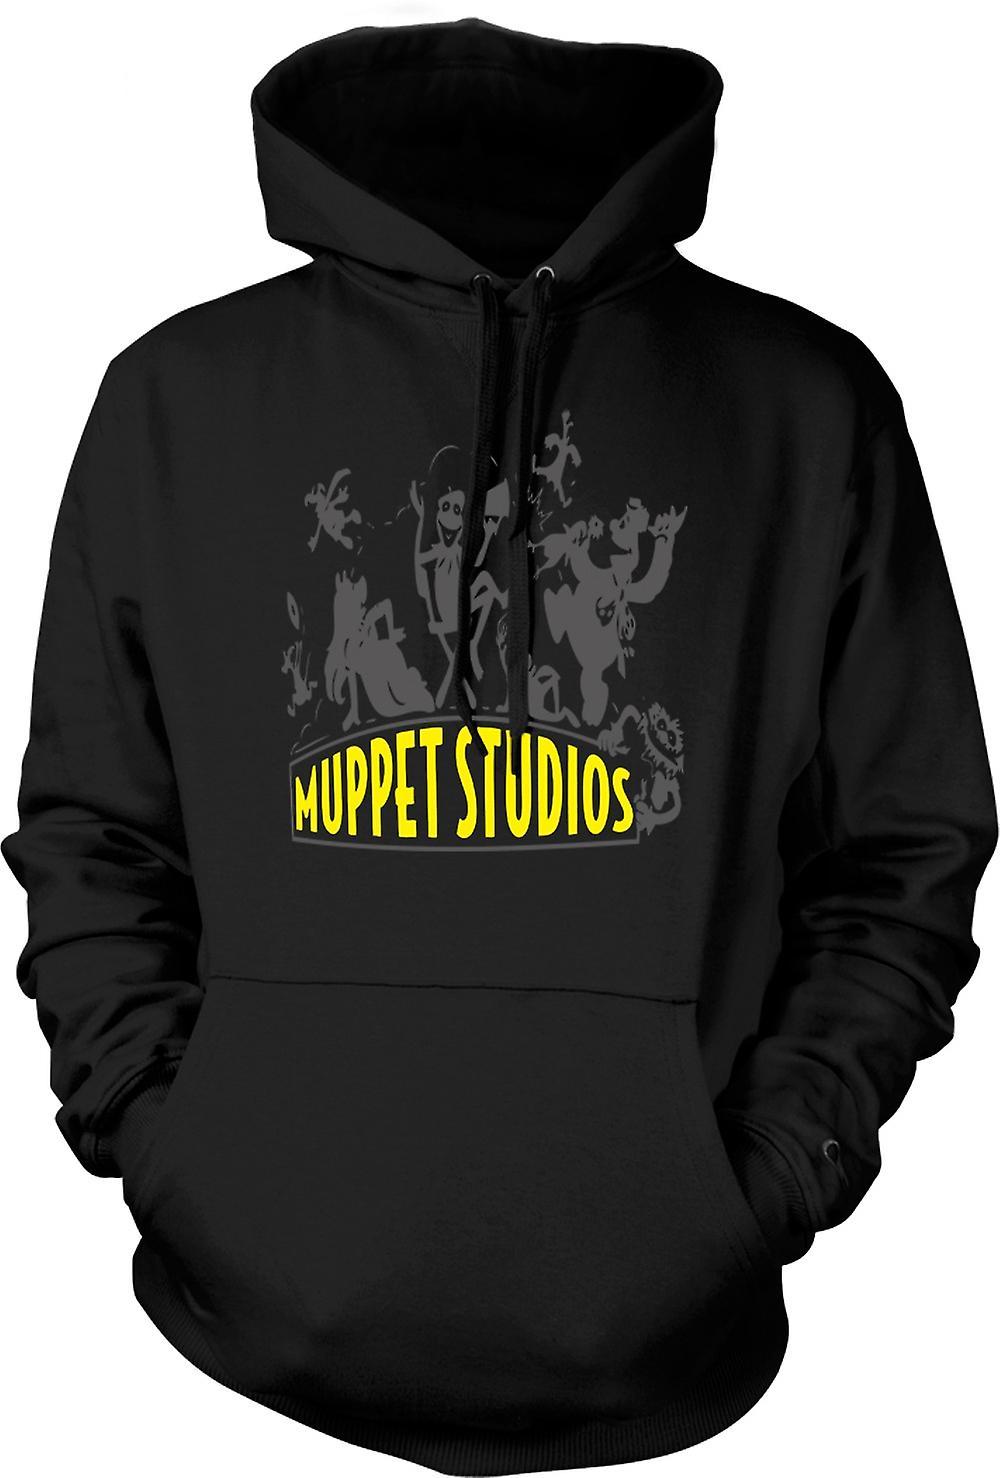 Kids Hoodie - Muppet Studios - Kermit - grappig